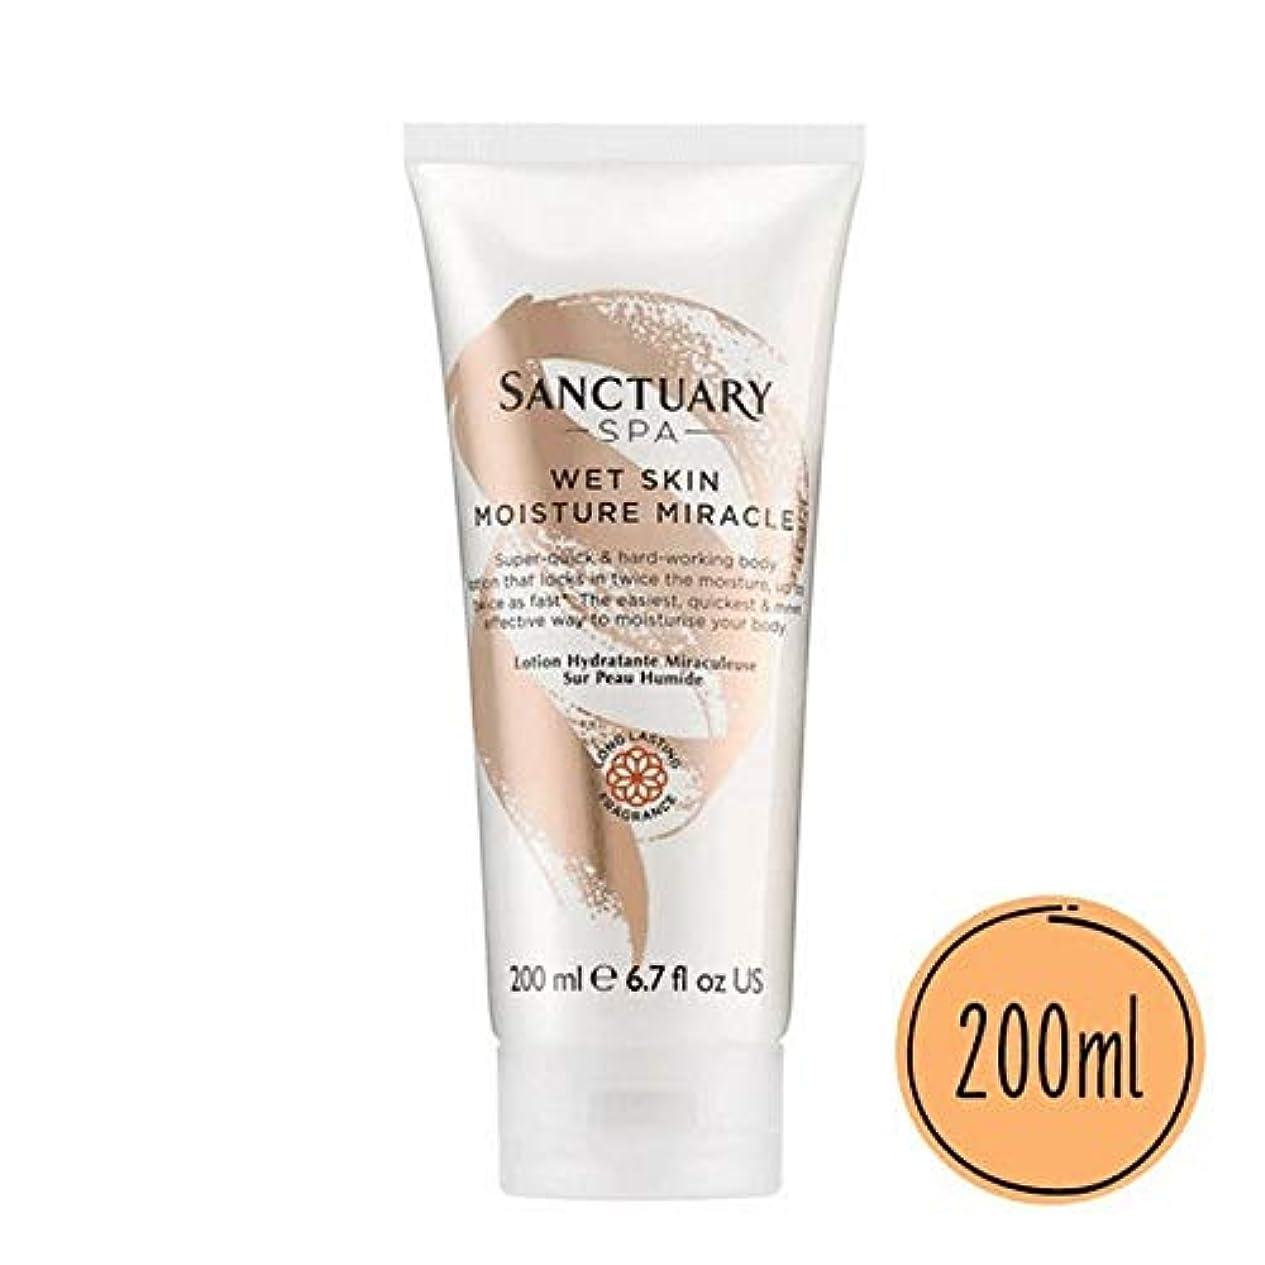 アプライアンス従者はしご[Sanctuary Spa ] 聖域スパ濡れた肌の水分奇跡の200ミリリットル - Sanctuary Spa Wet Skin Moisture Miracle 200ml [並行輸入品]